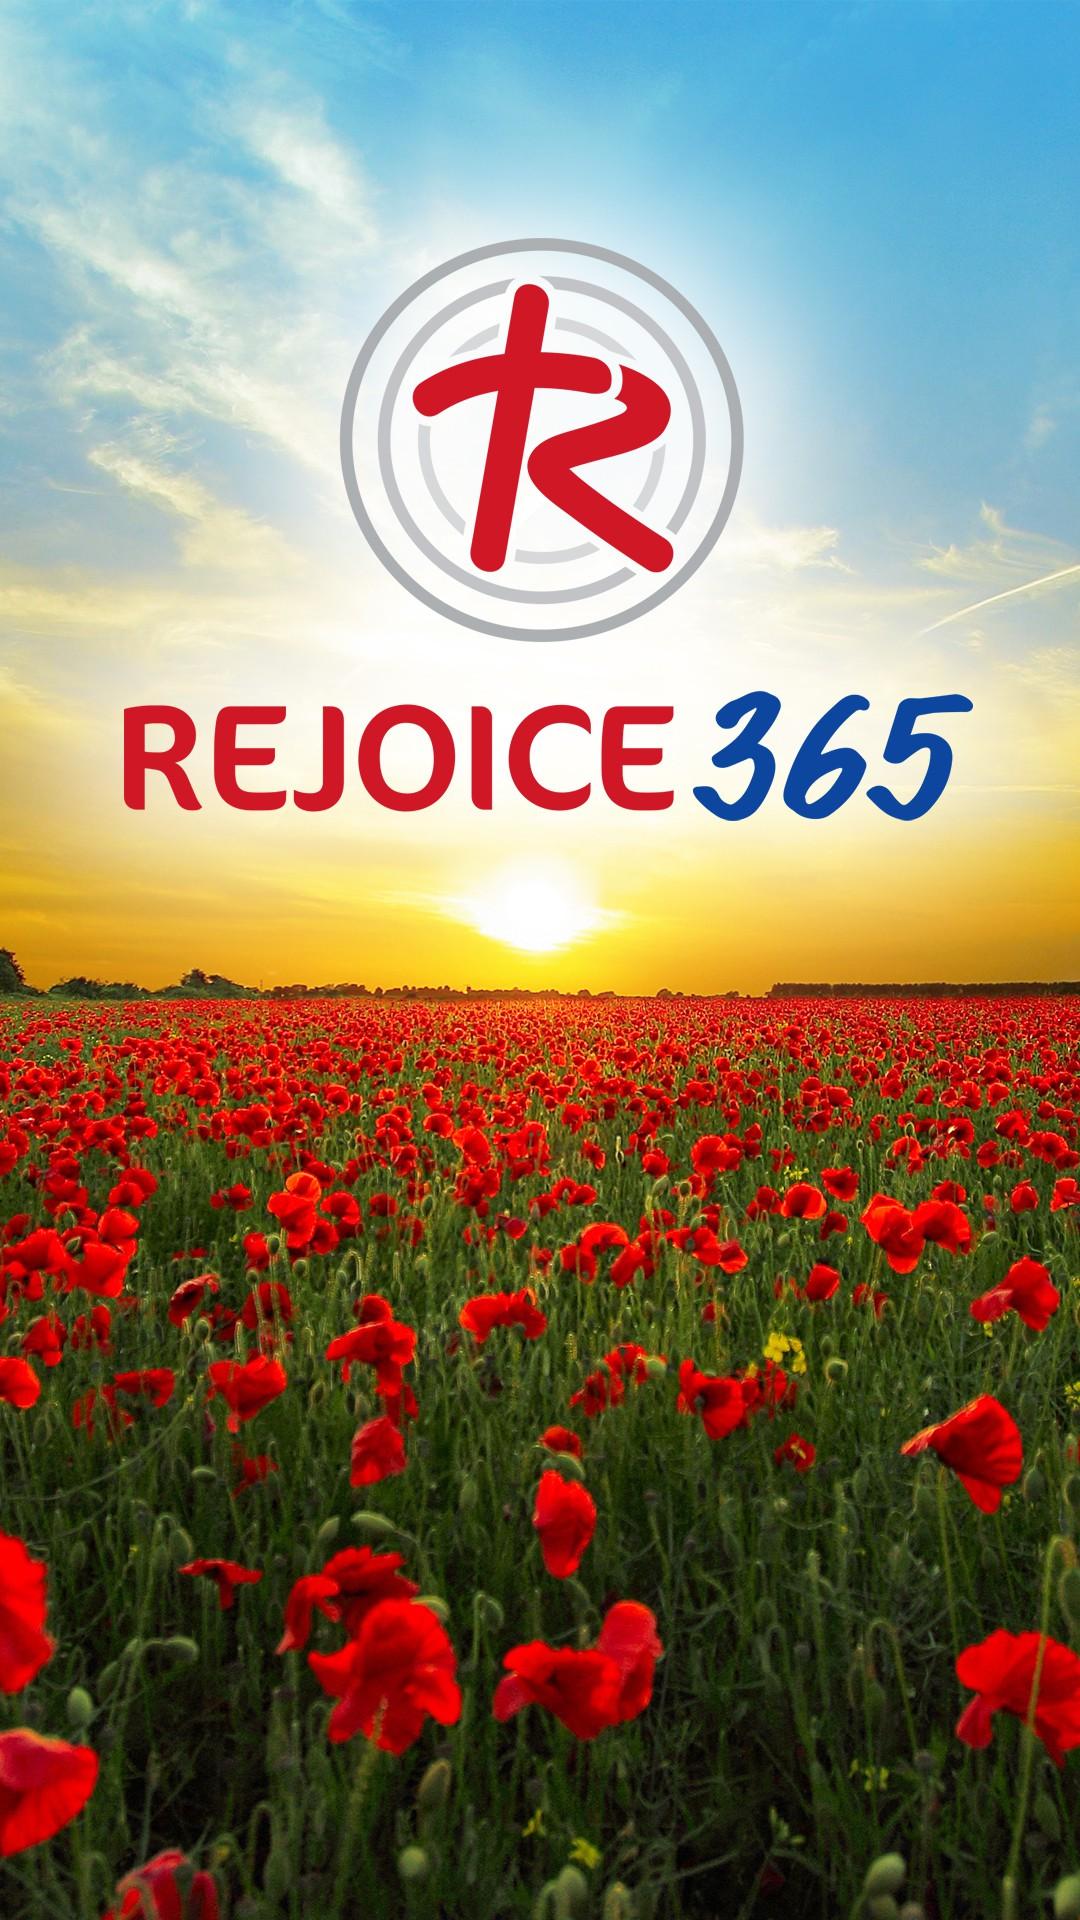 Rejoice 365 App